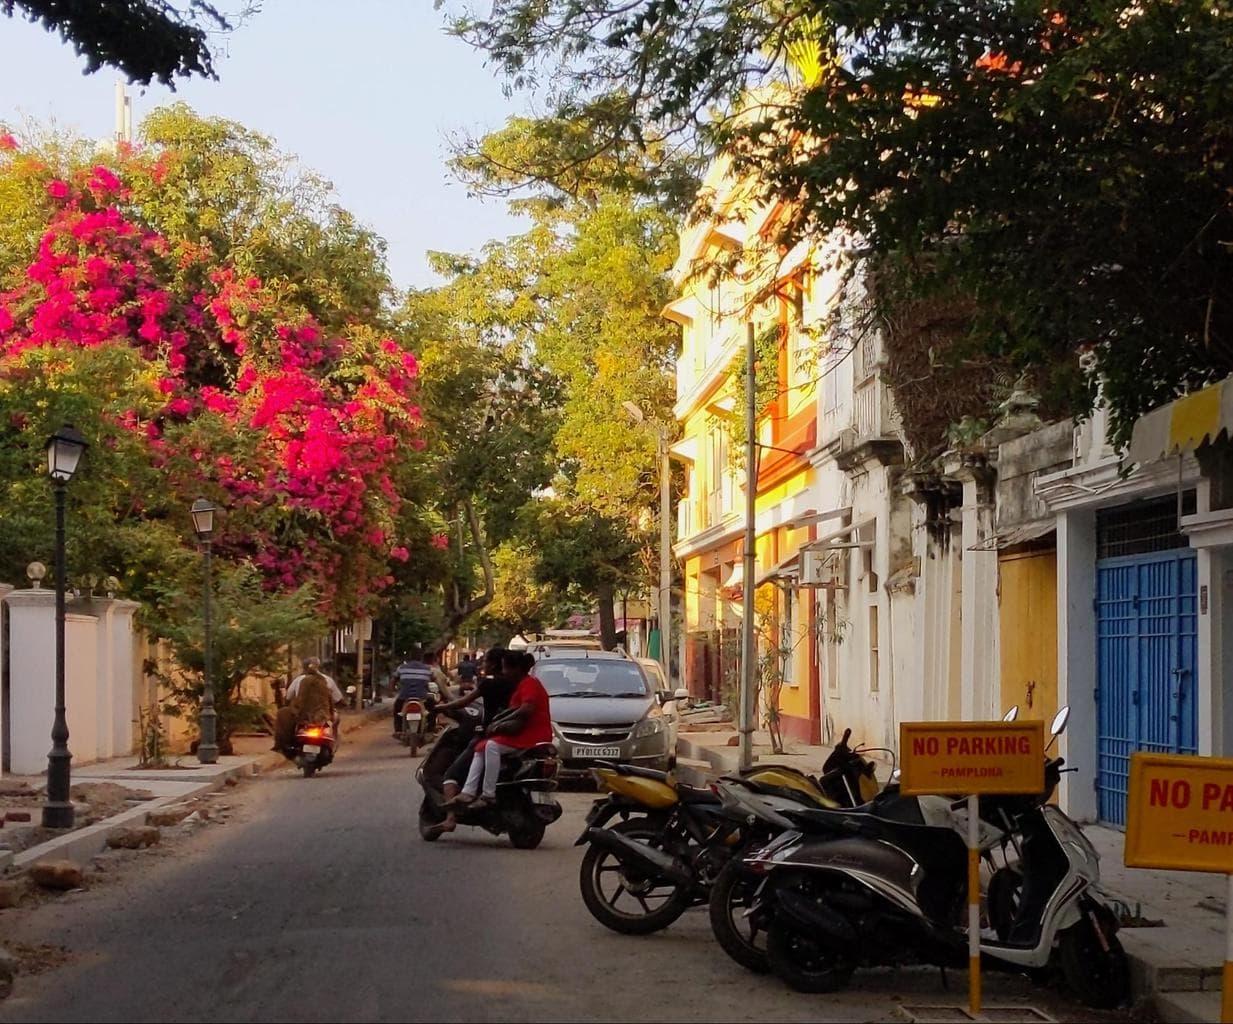 Street in Pondicherry